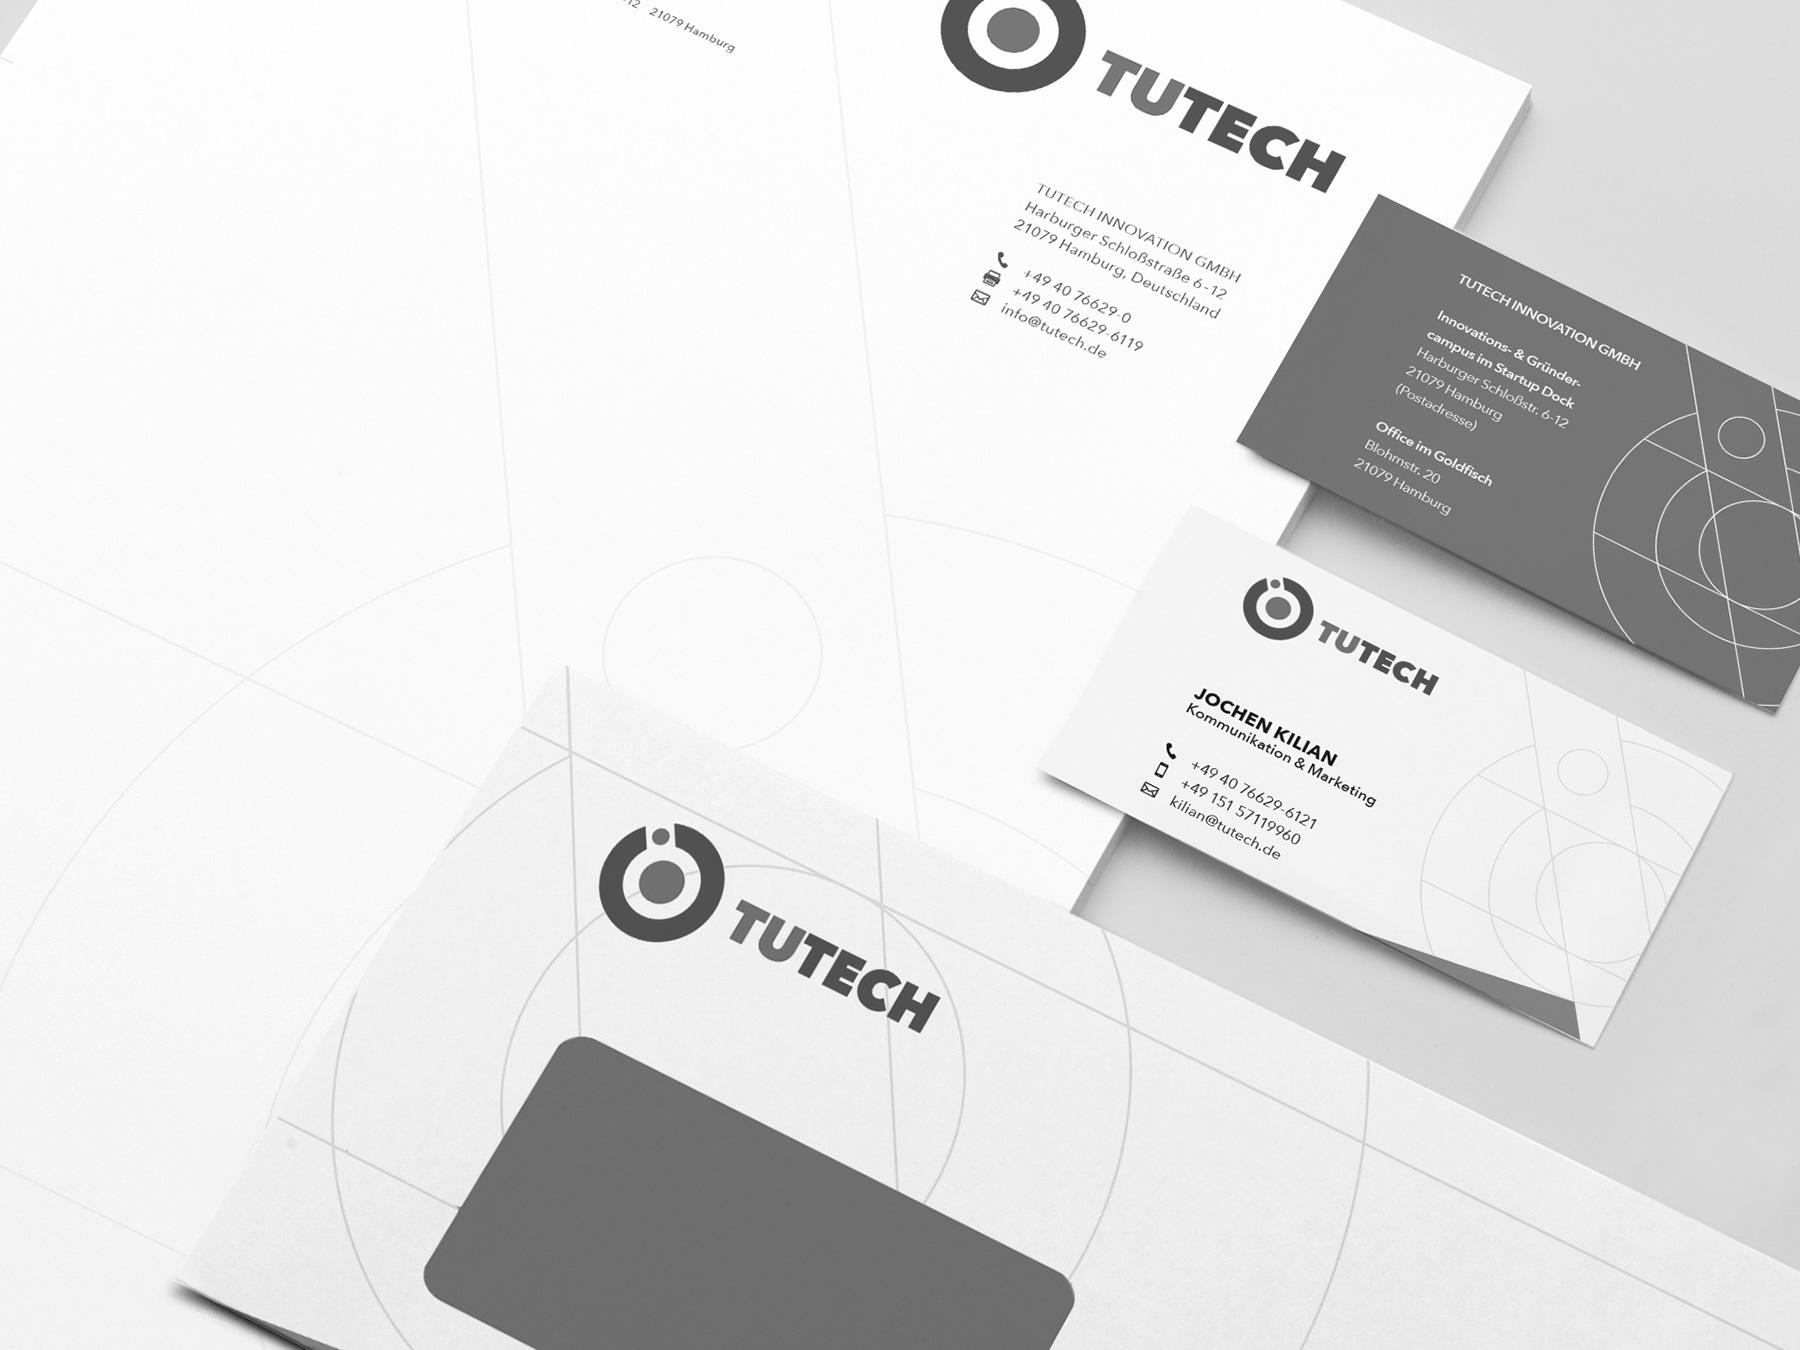 Markenentwicklung, Logoentwicklung, Corporate Design